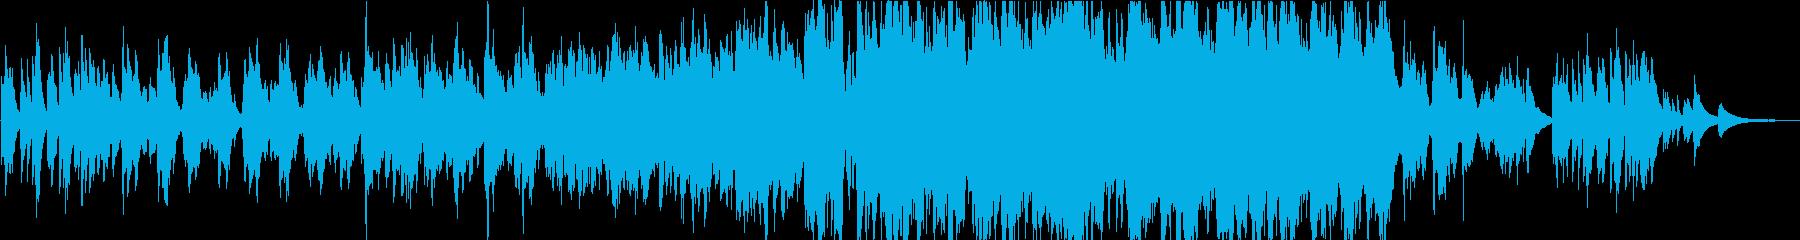 【生演奏】切ないバイオリン曲バラードの再生済みの波形